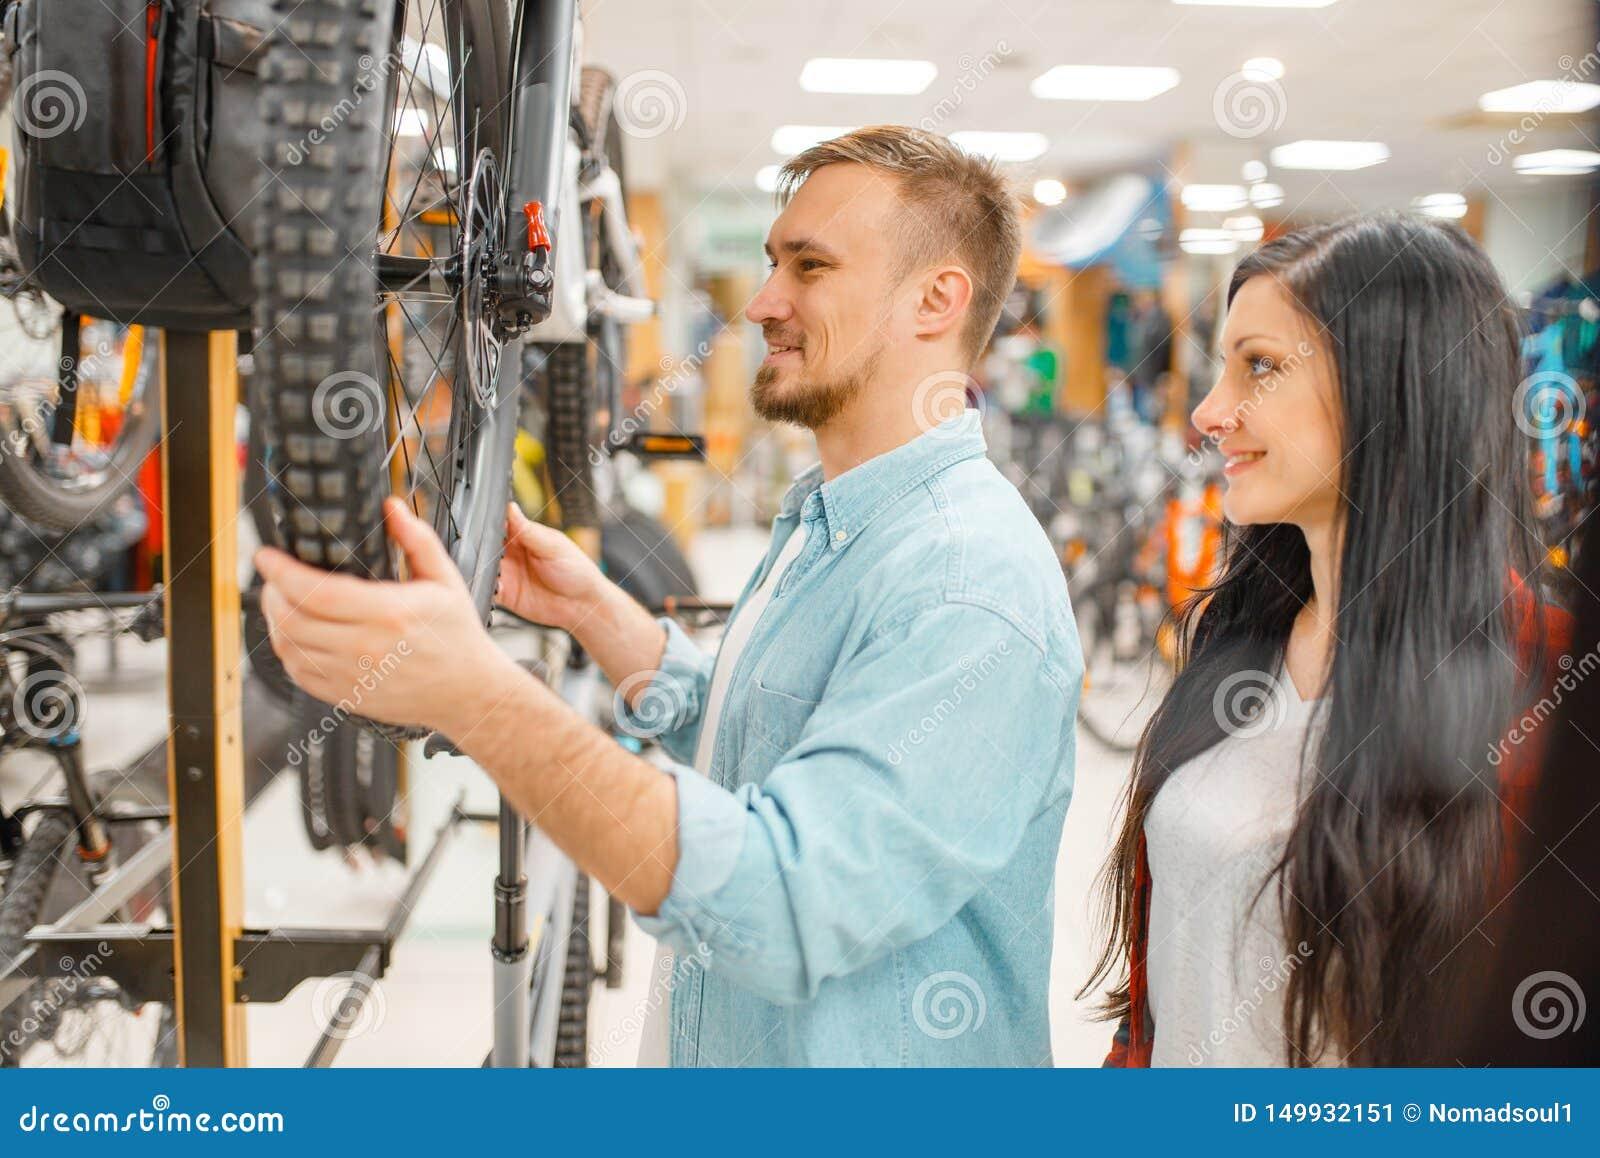 Mann überprüft Fahrradscheibenbrüche, Einkaufen